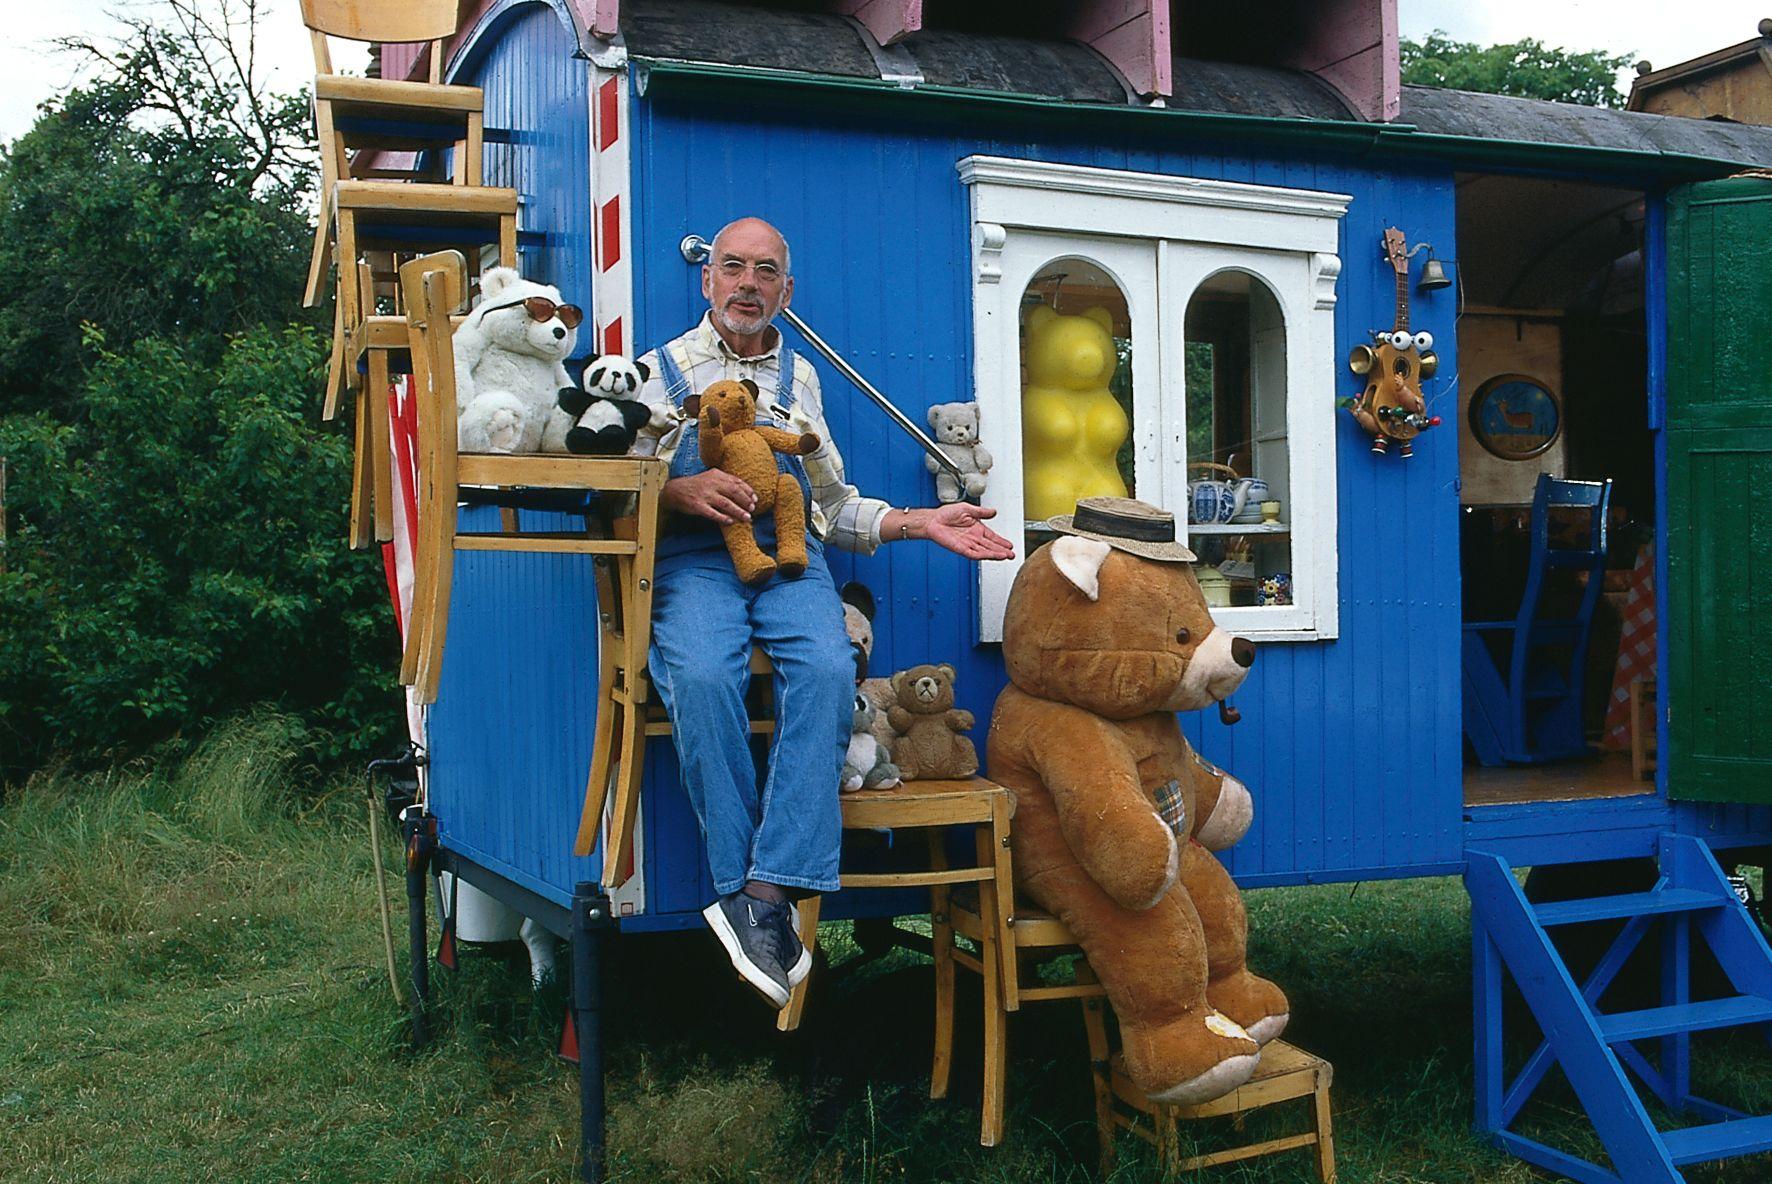 eine ber hmtheit der wohnwagen von peter lustig peter lustig. Black Bedroom Furniture Sets. Home Design Ideas